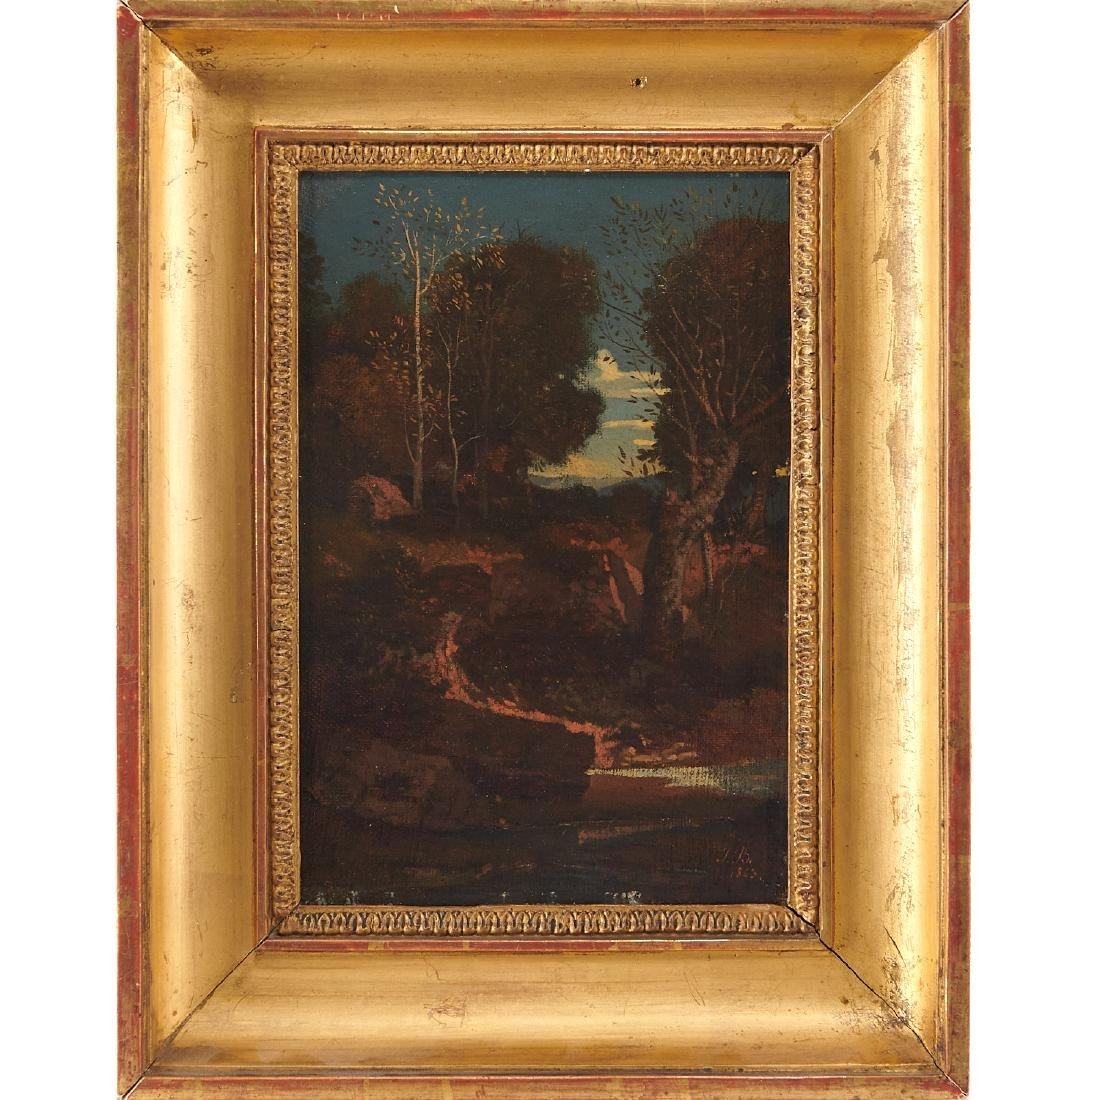 Jean Joseph Bellel, Paysage, 1843